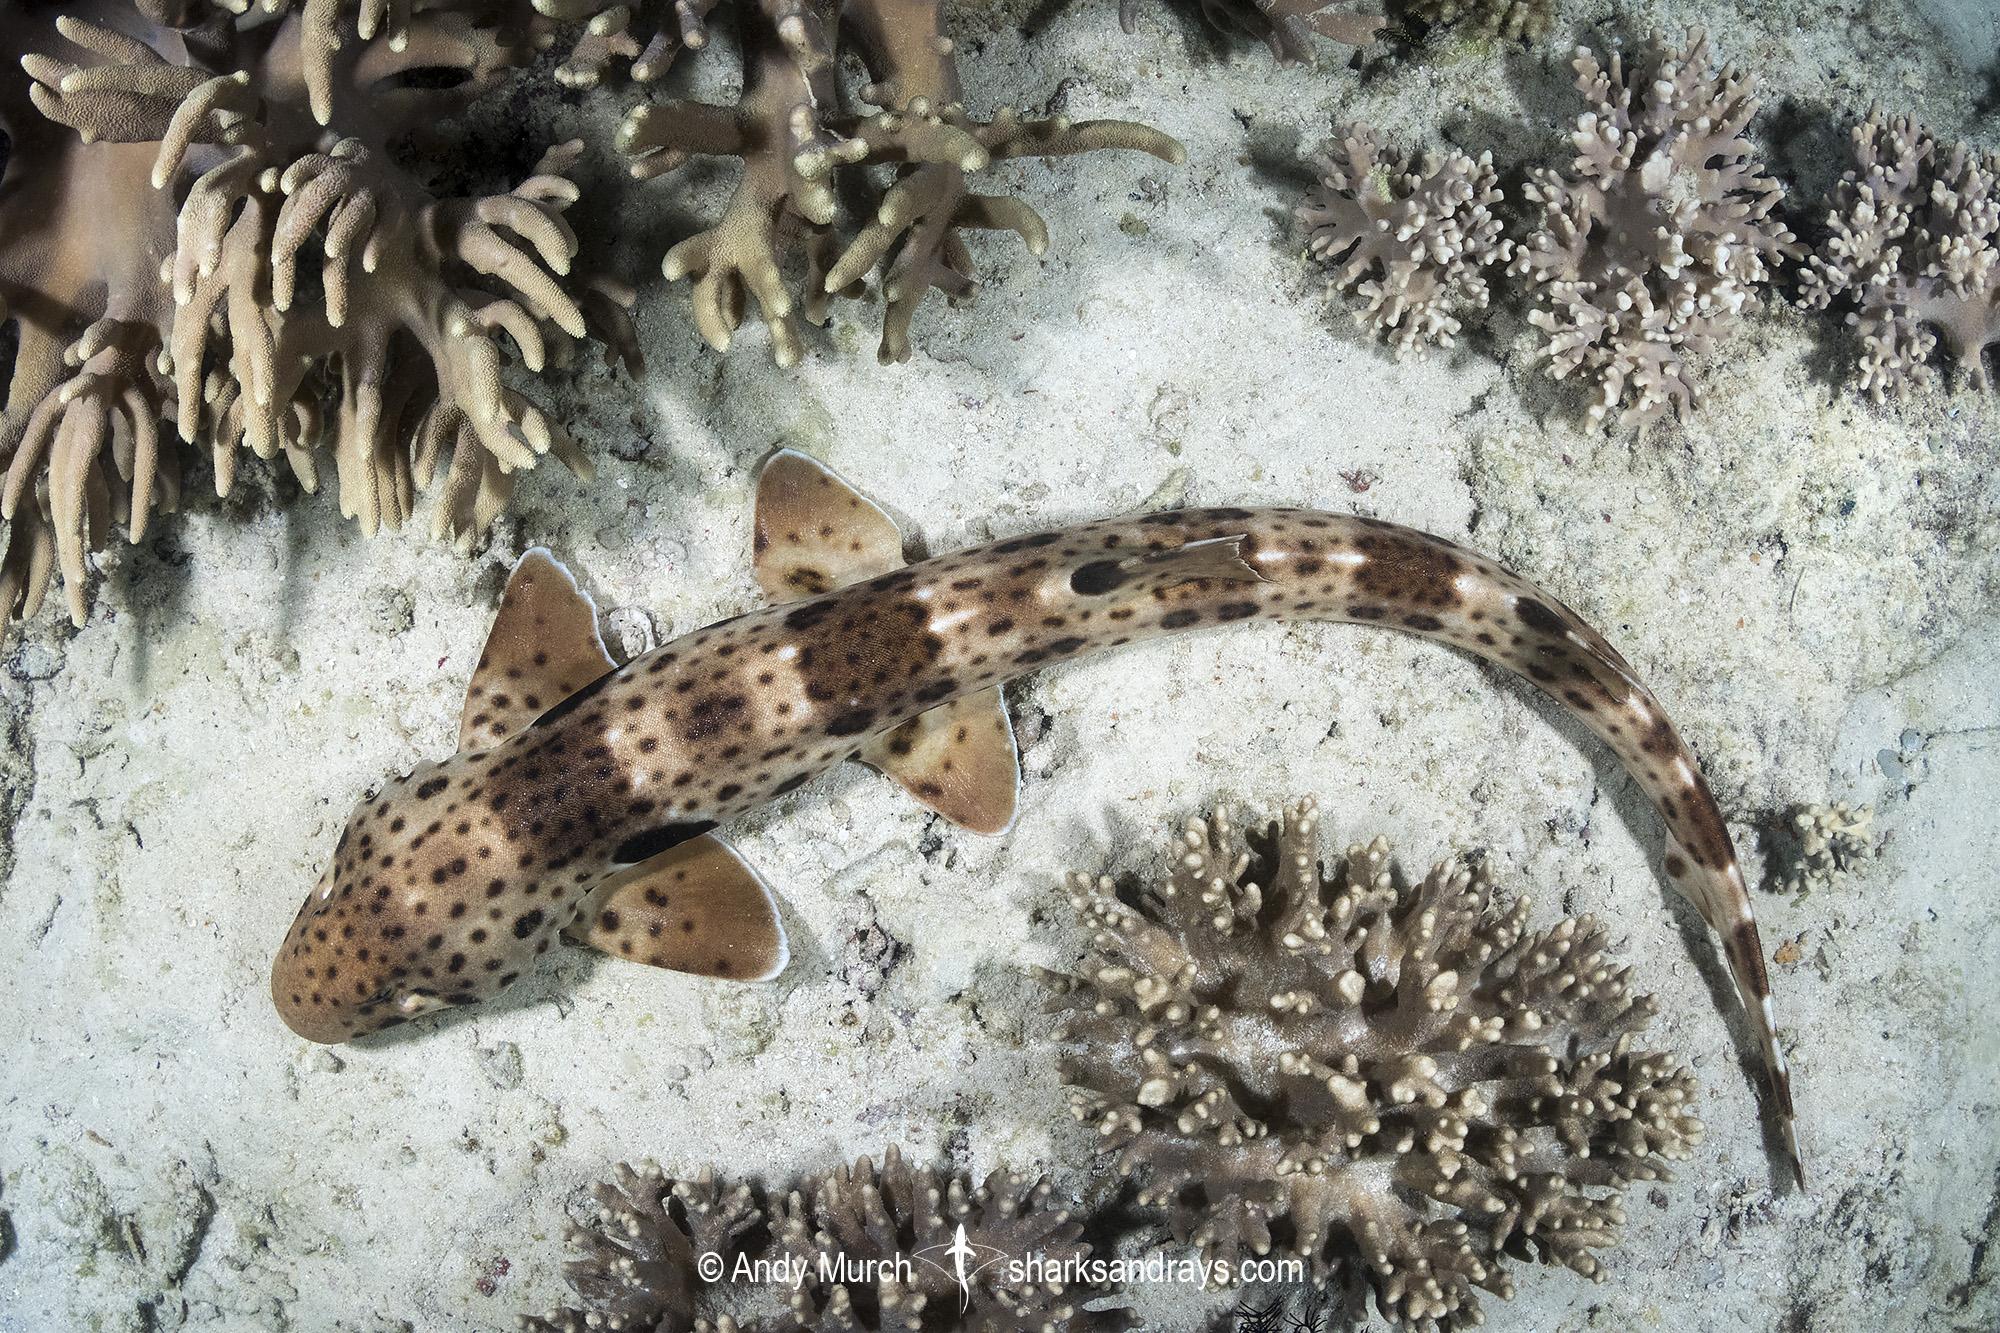 Triton Bay Epaulette Shark